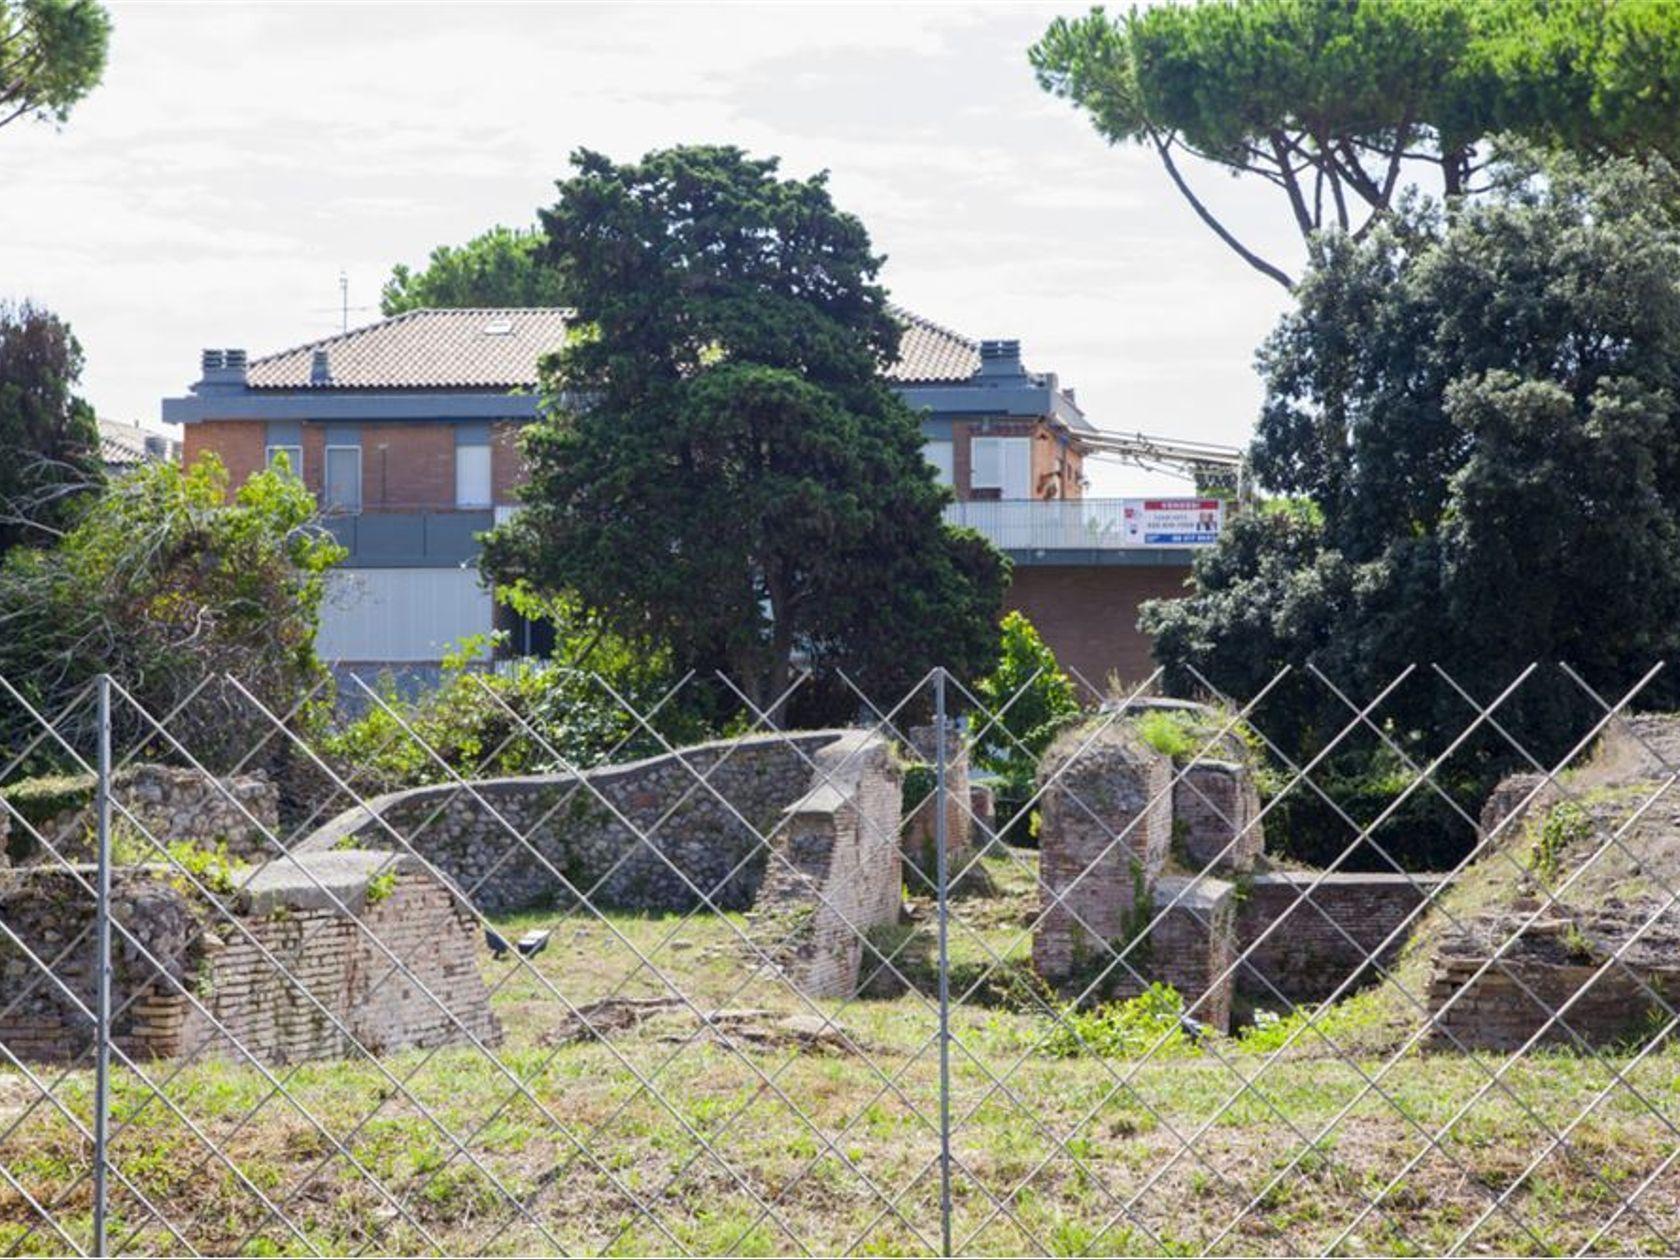 Attico/Mansarda Anzio-santa Teresa, Anzio, RM Vendita - Foto 35